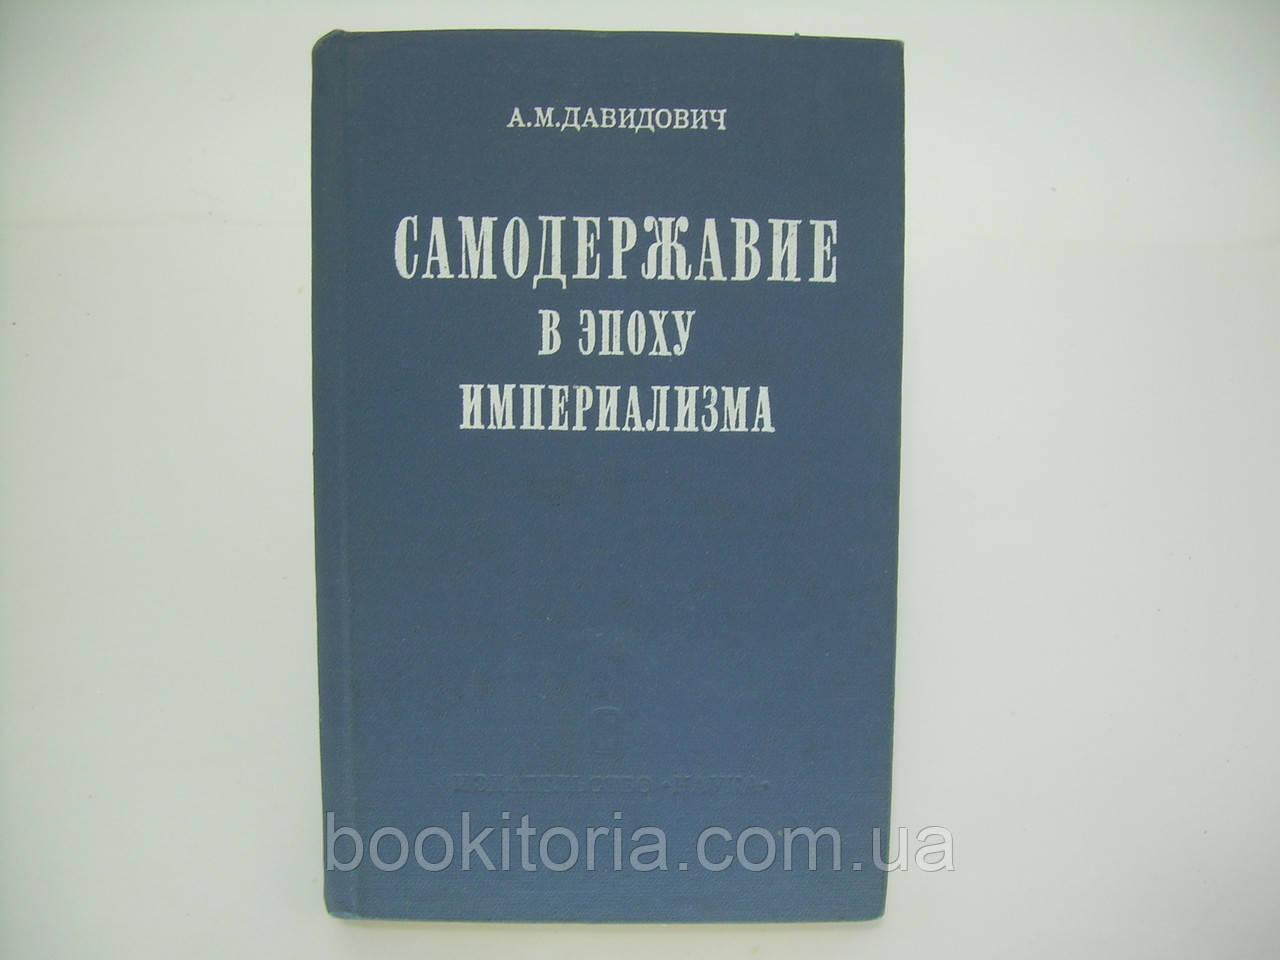 Давидович А.М. Самодержавие в эпоху империализма (б/у).